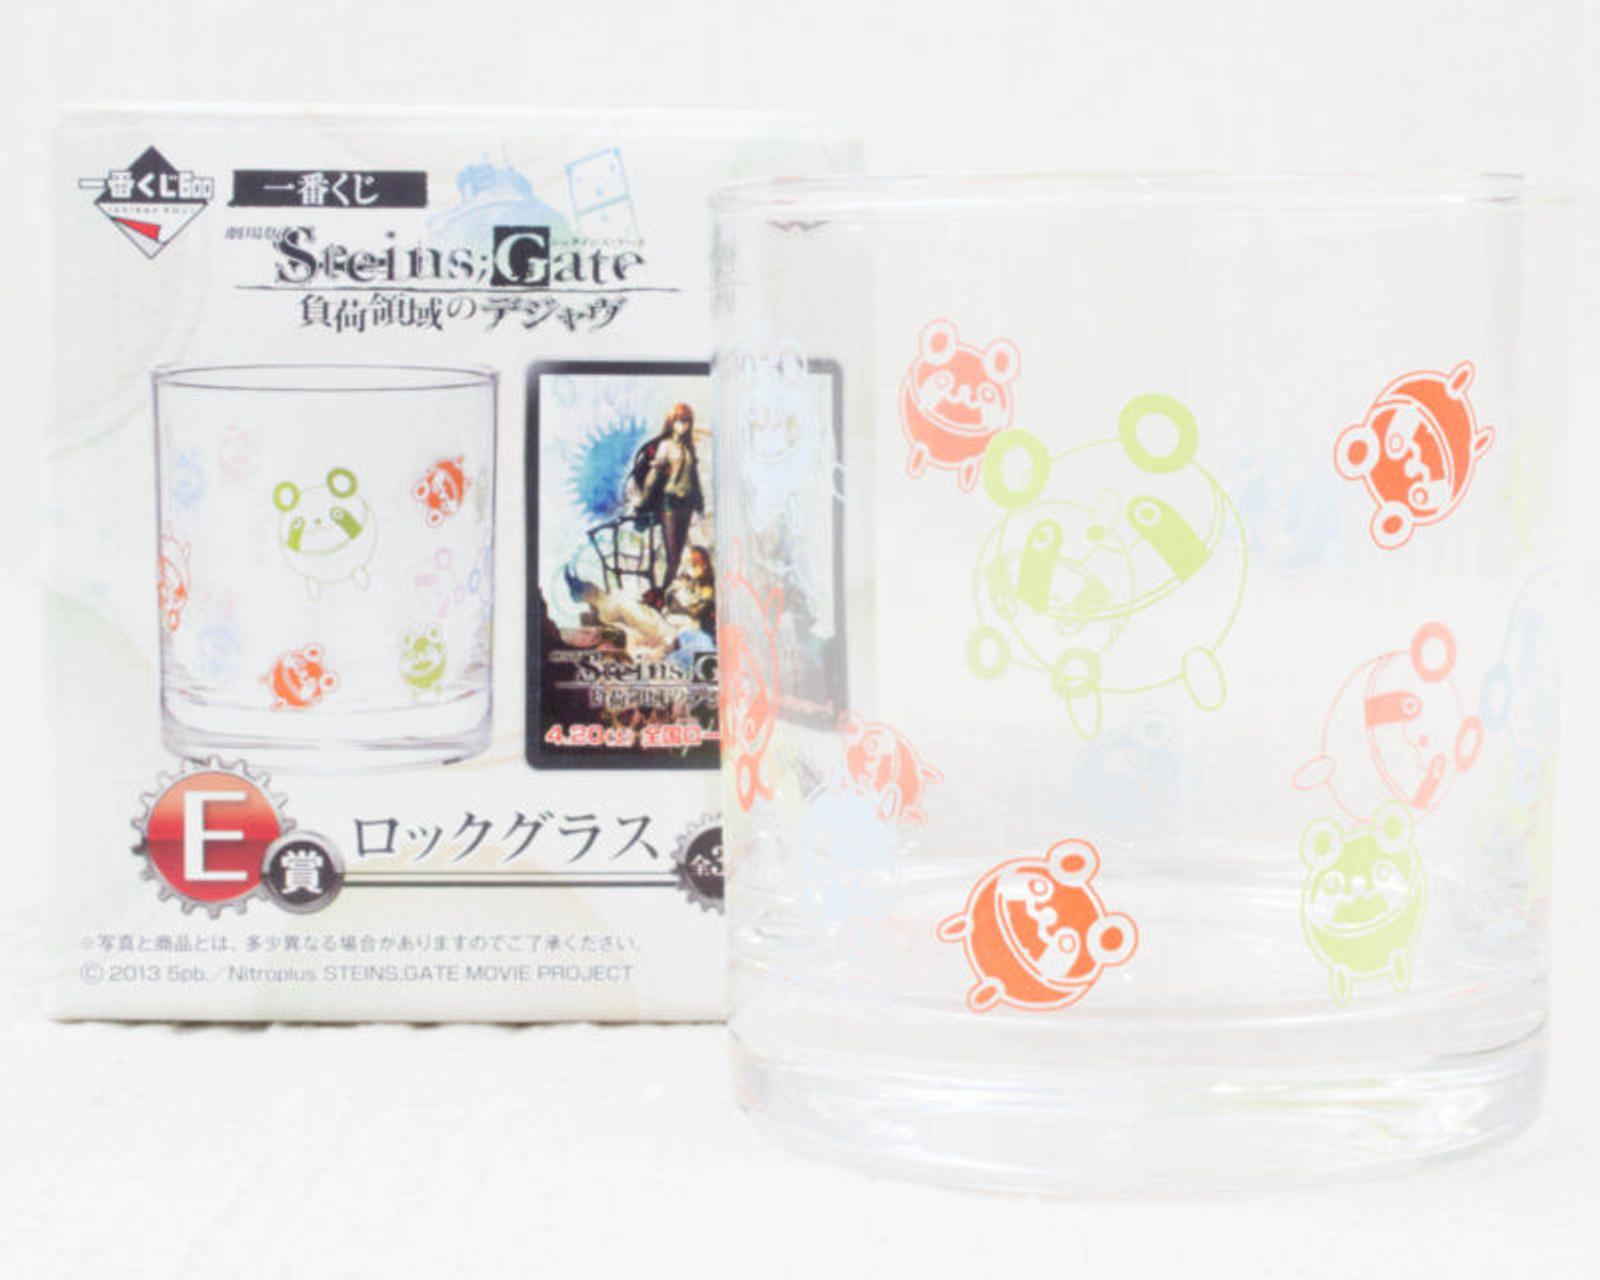 Steins ; Gate Rock Glass Upa Panda Banpresto JAPAN ANIME MANGA